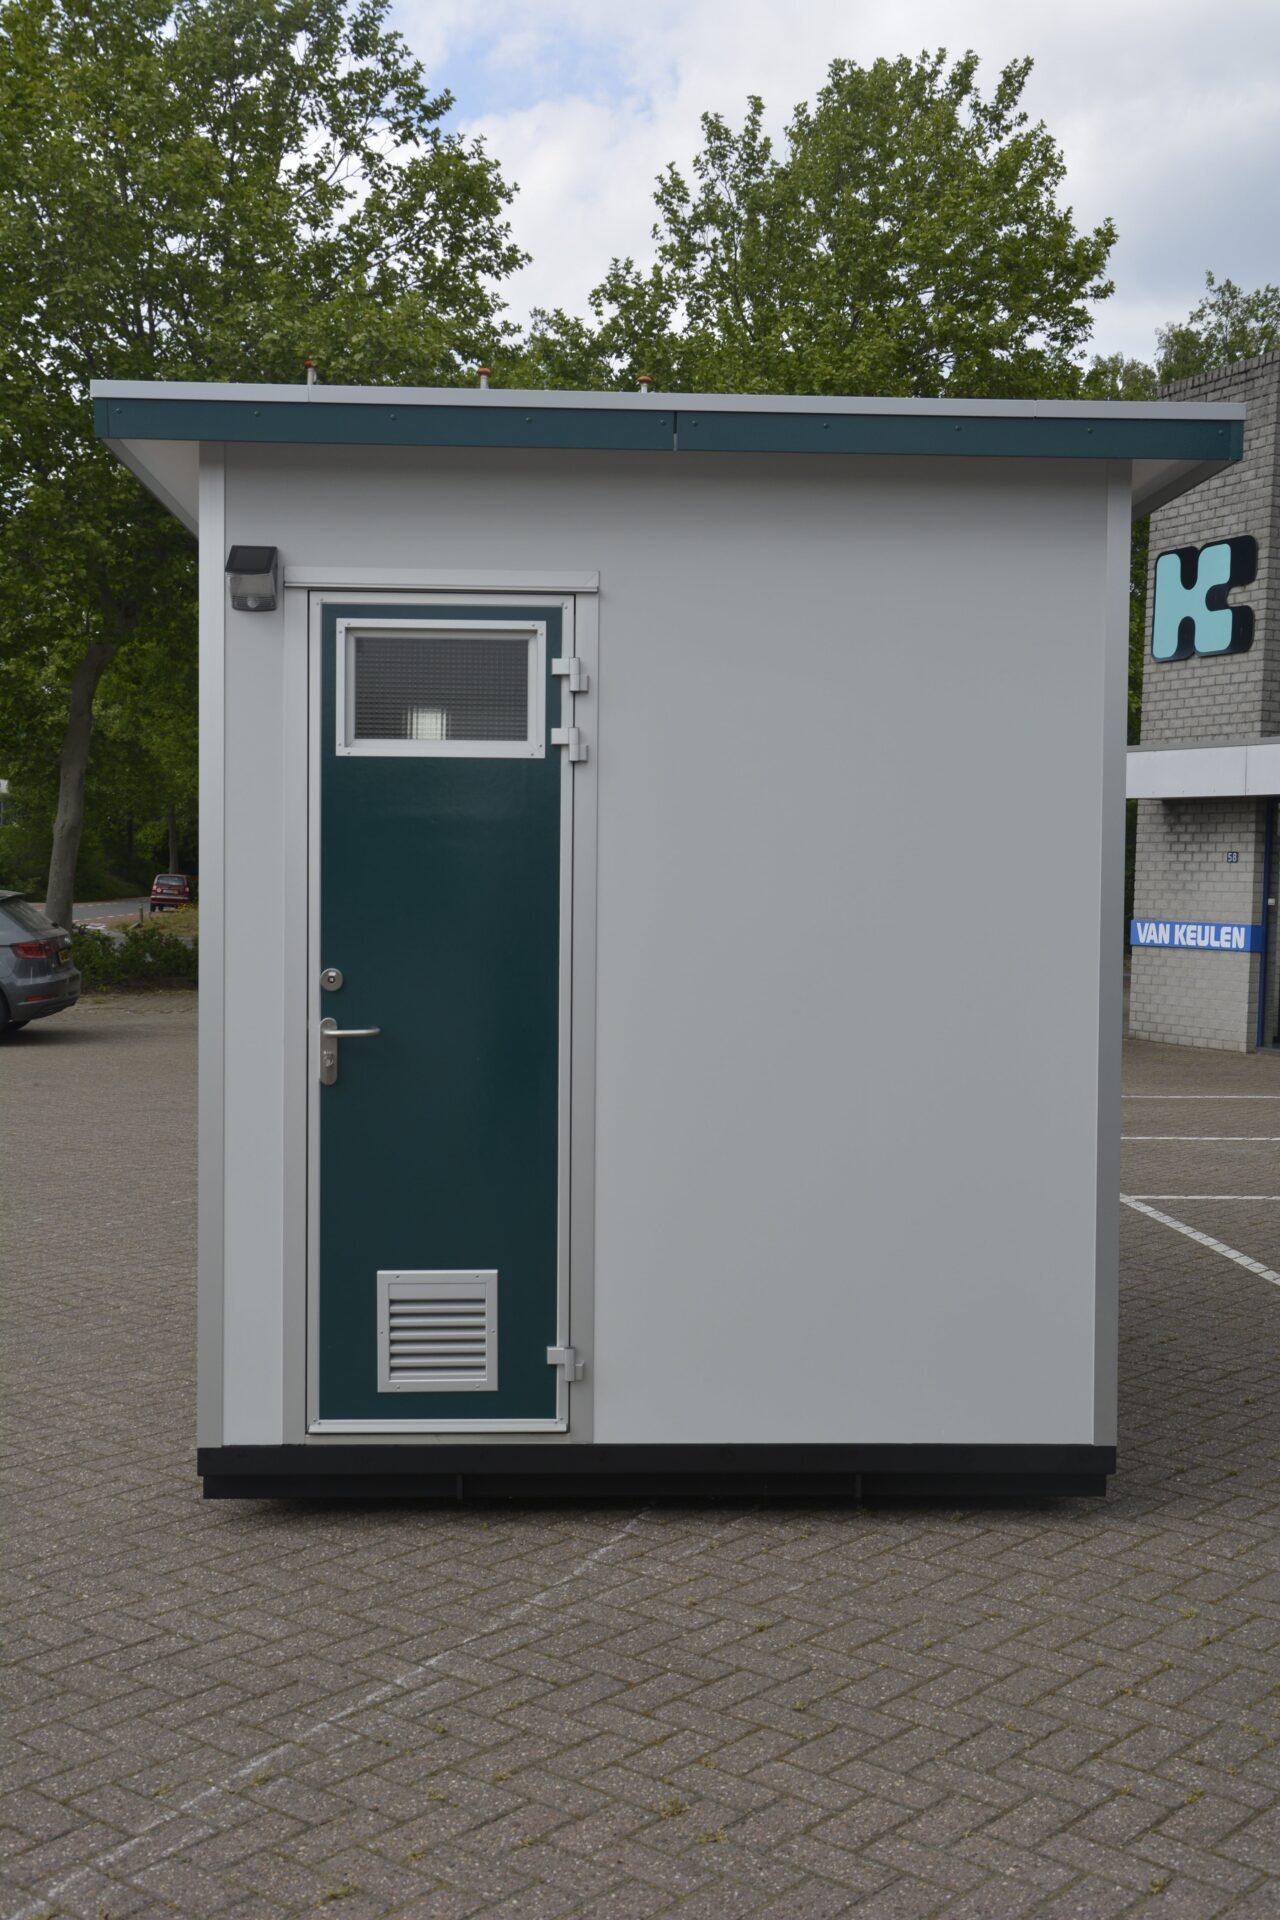 Prive Sanitair Van Keulen